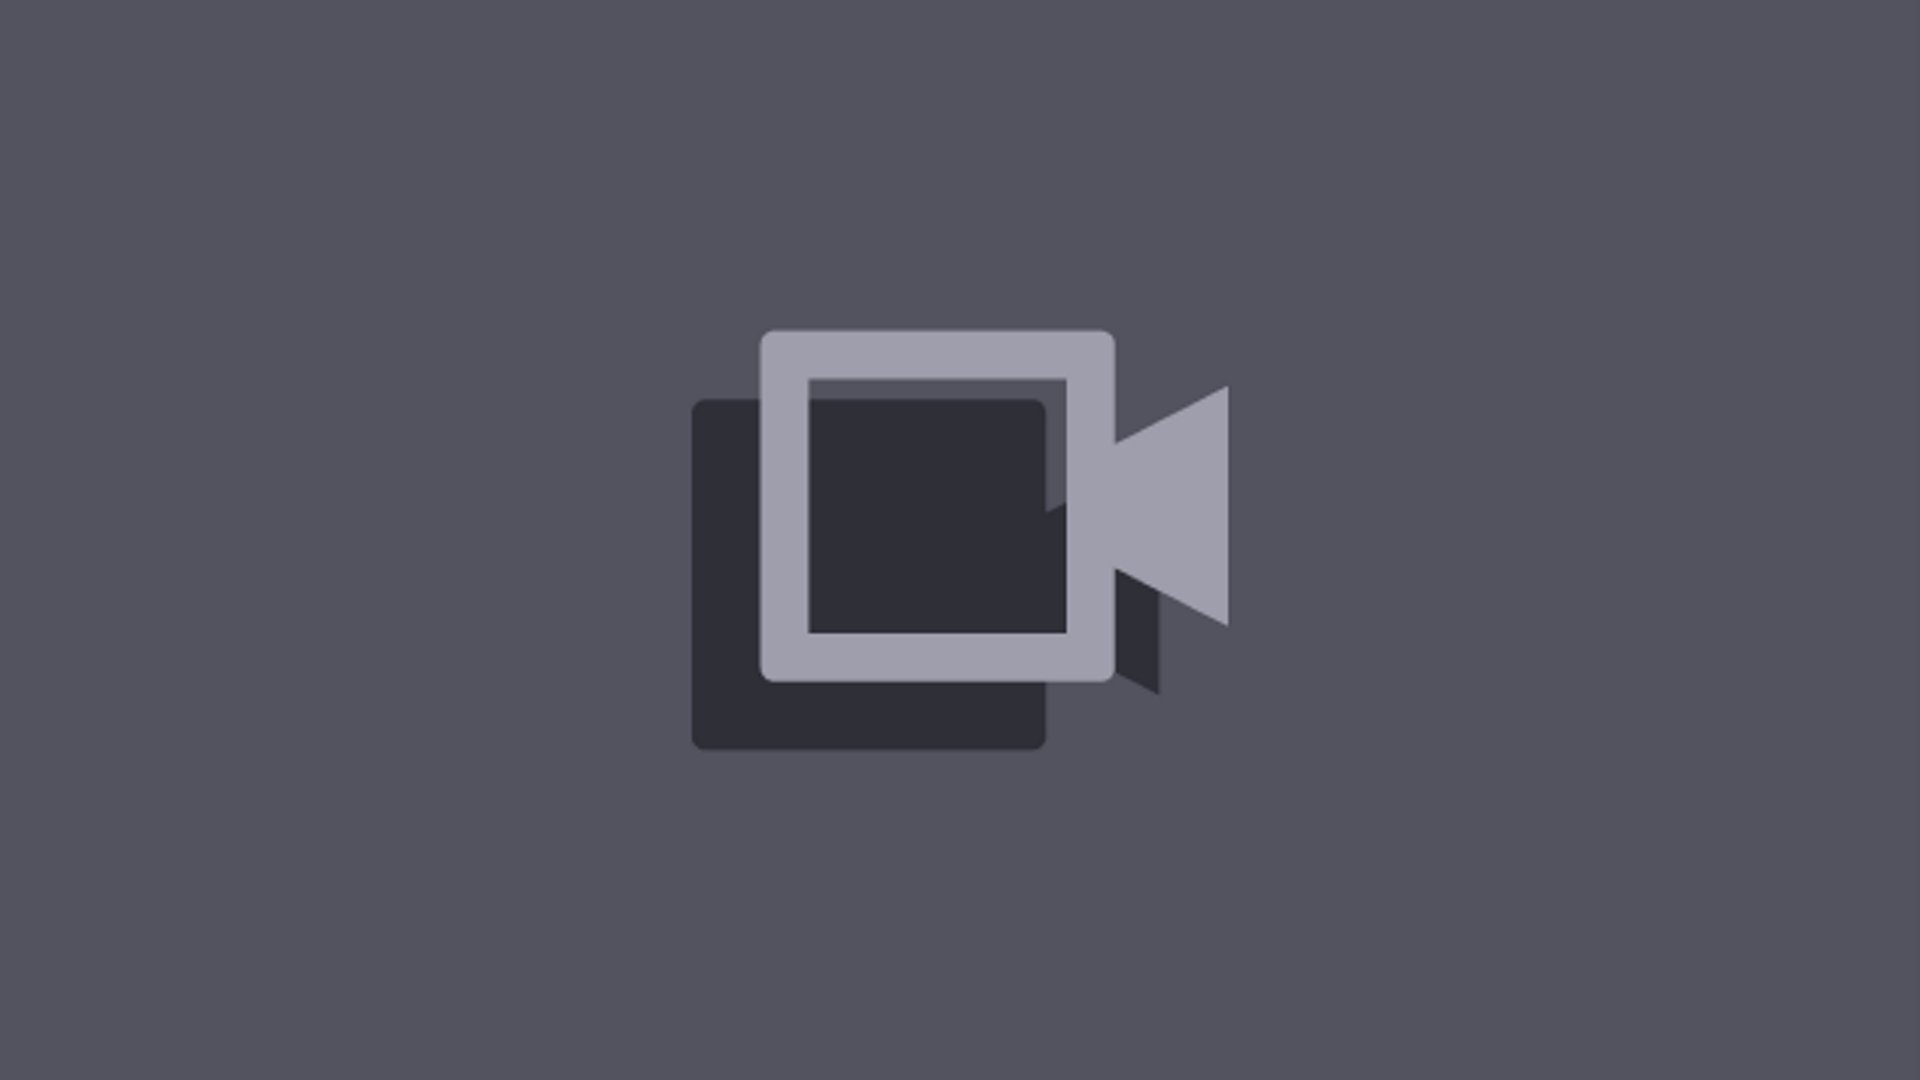 【STAR★那卡西】歌皇歌后爭霸戰(╯-_-)╯ ~╩╩